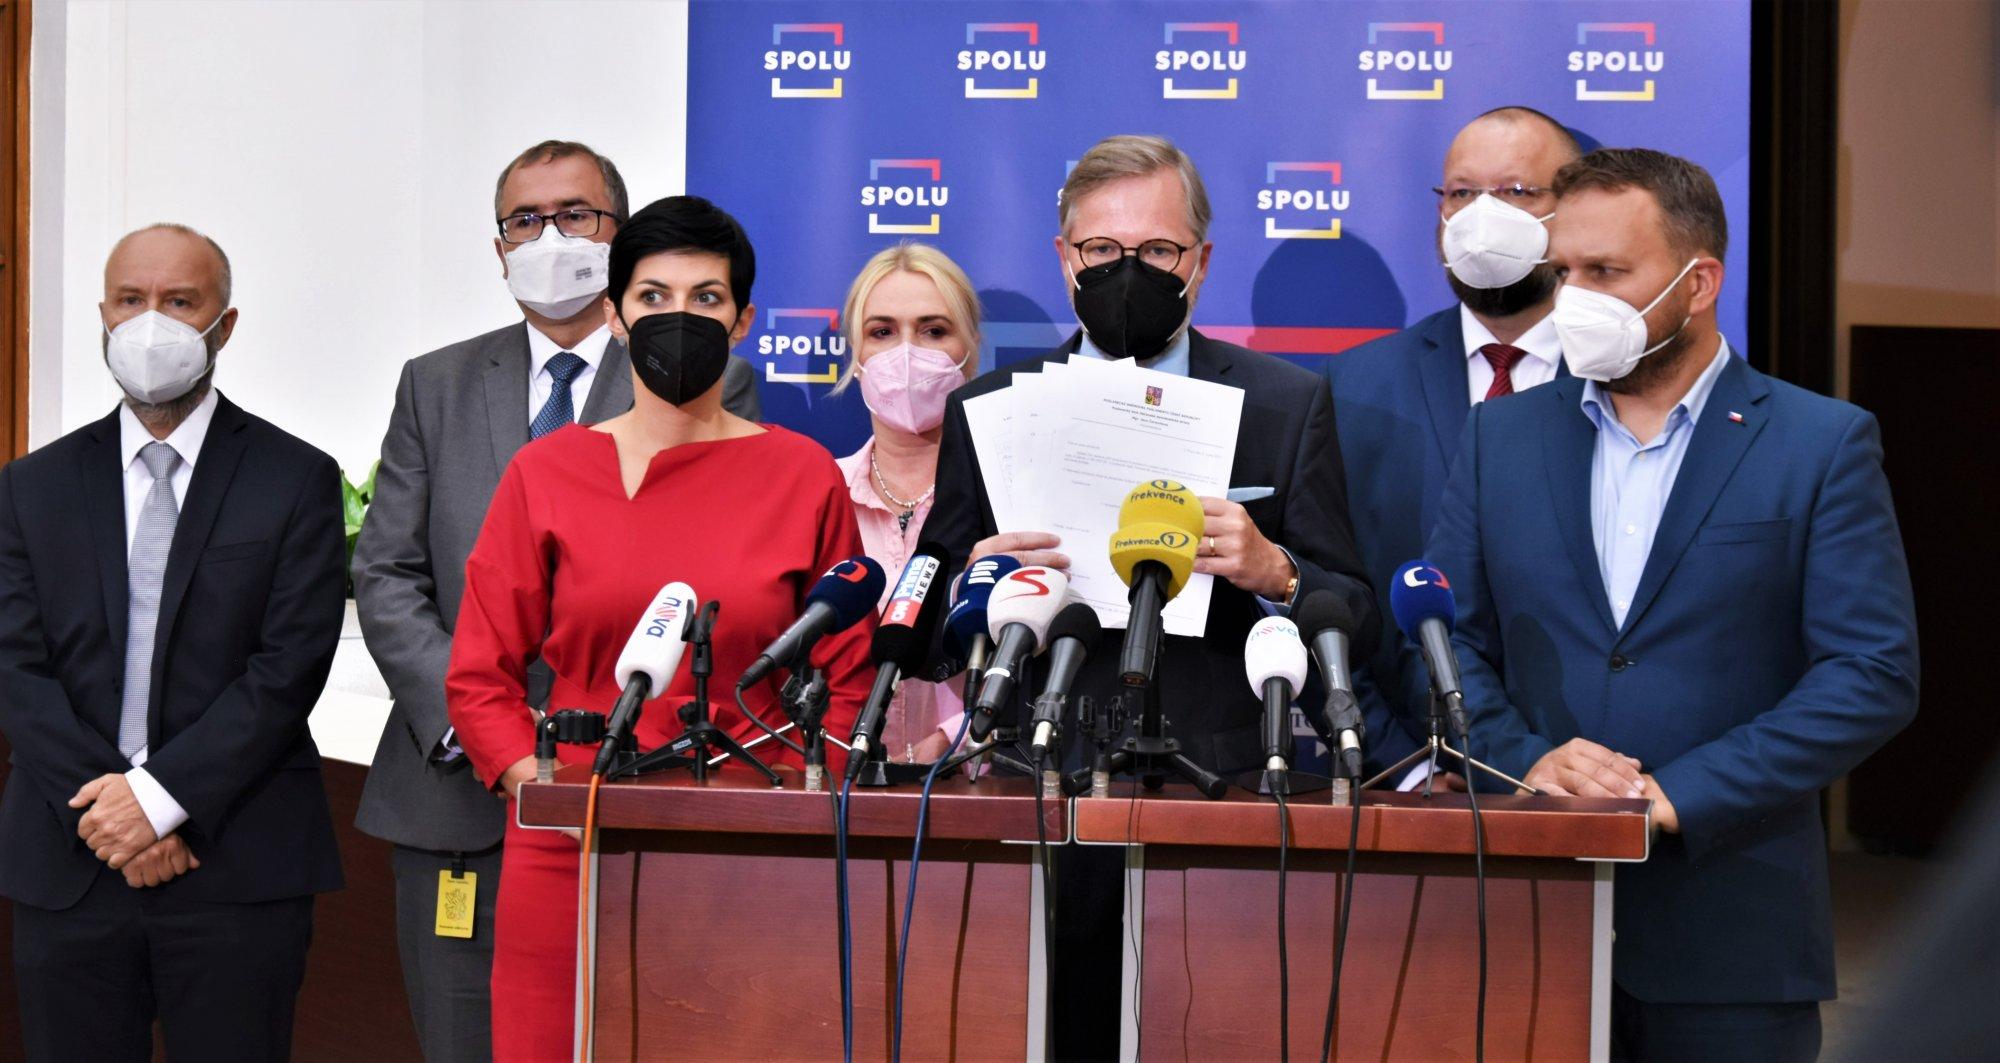 SPOLU: Pokud premiér nenavrhne pokračování Michala Koudelky v čele BIS, chceme situaci odblokovat mimořádnou schůzí